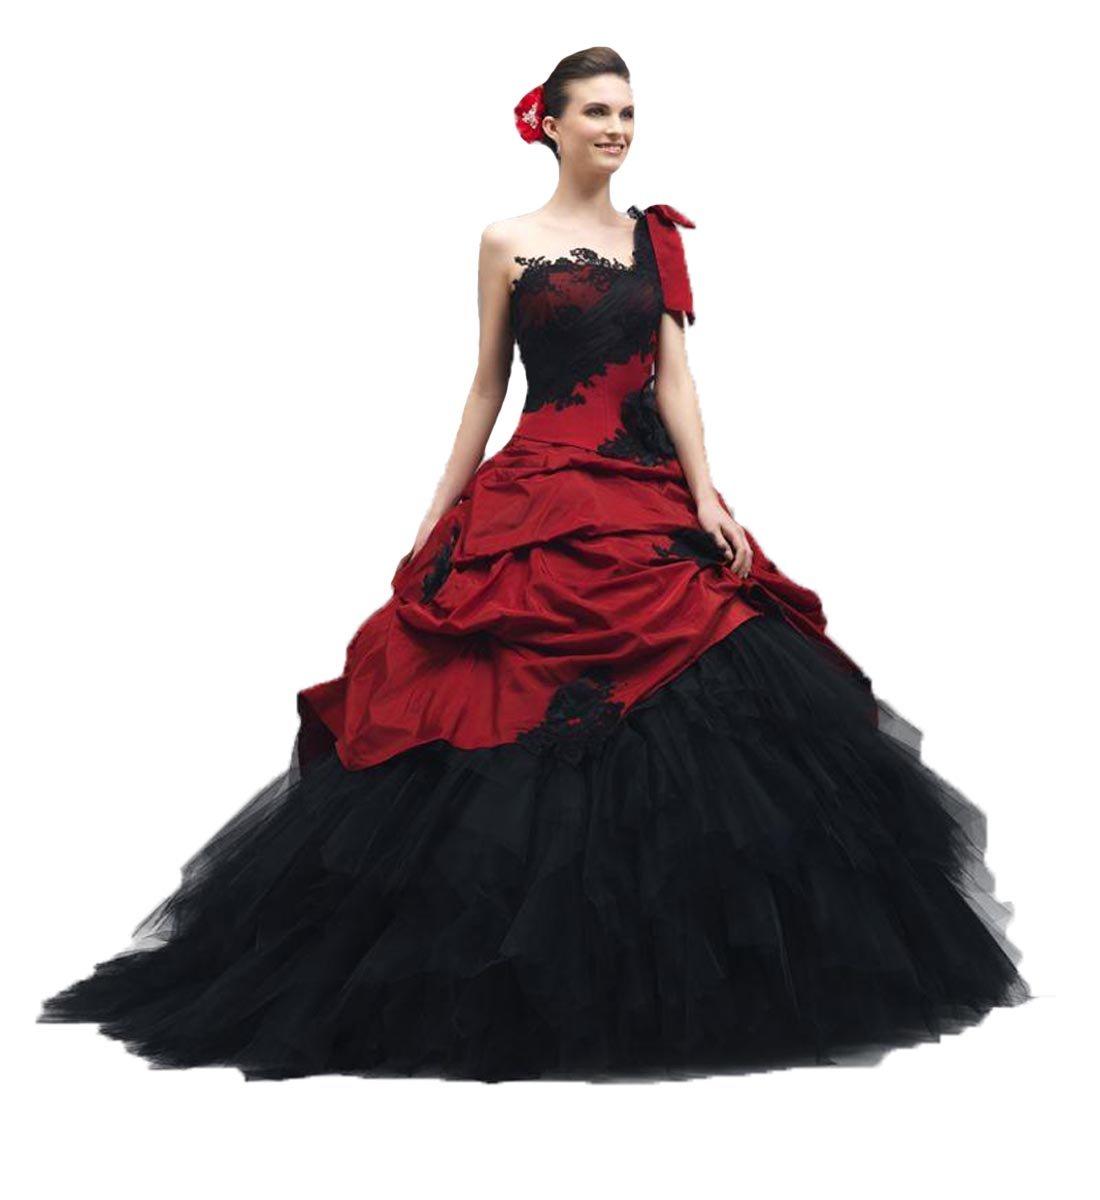 O.D.W Schwarz Rot Lange Vintage Brautkleider Damen Gotisch ...